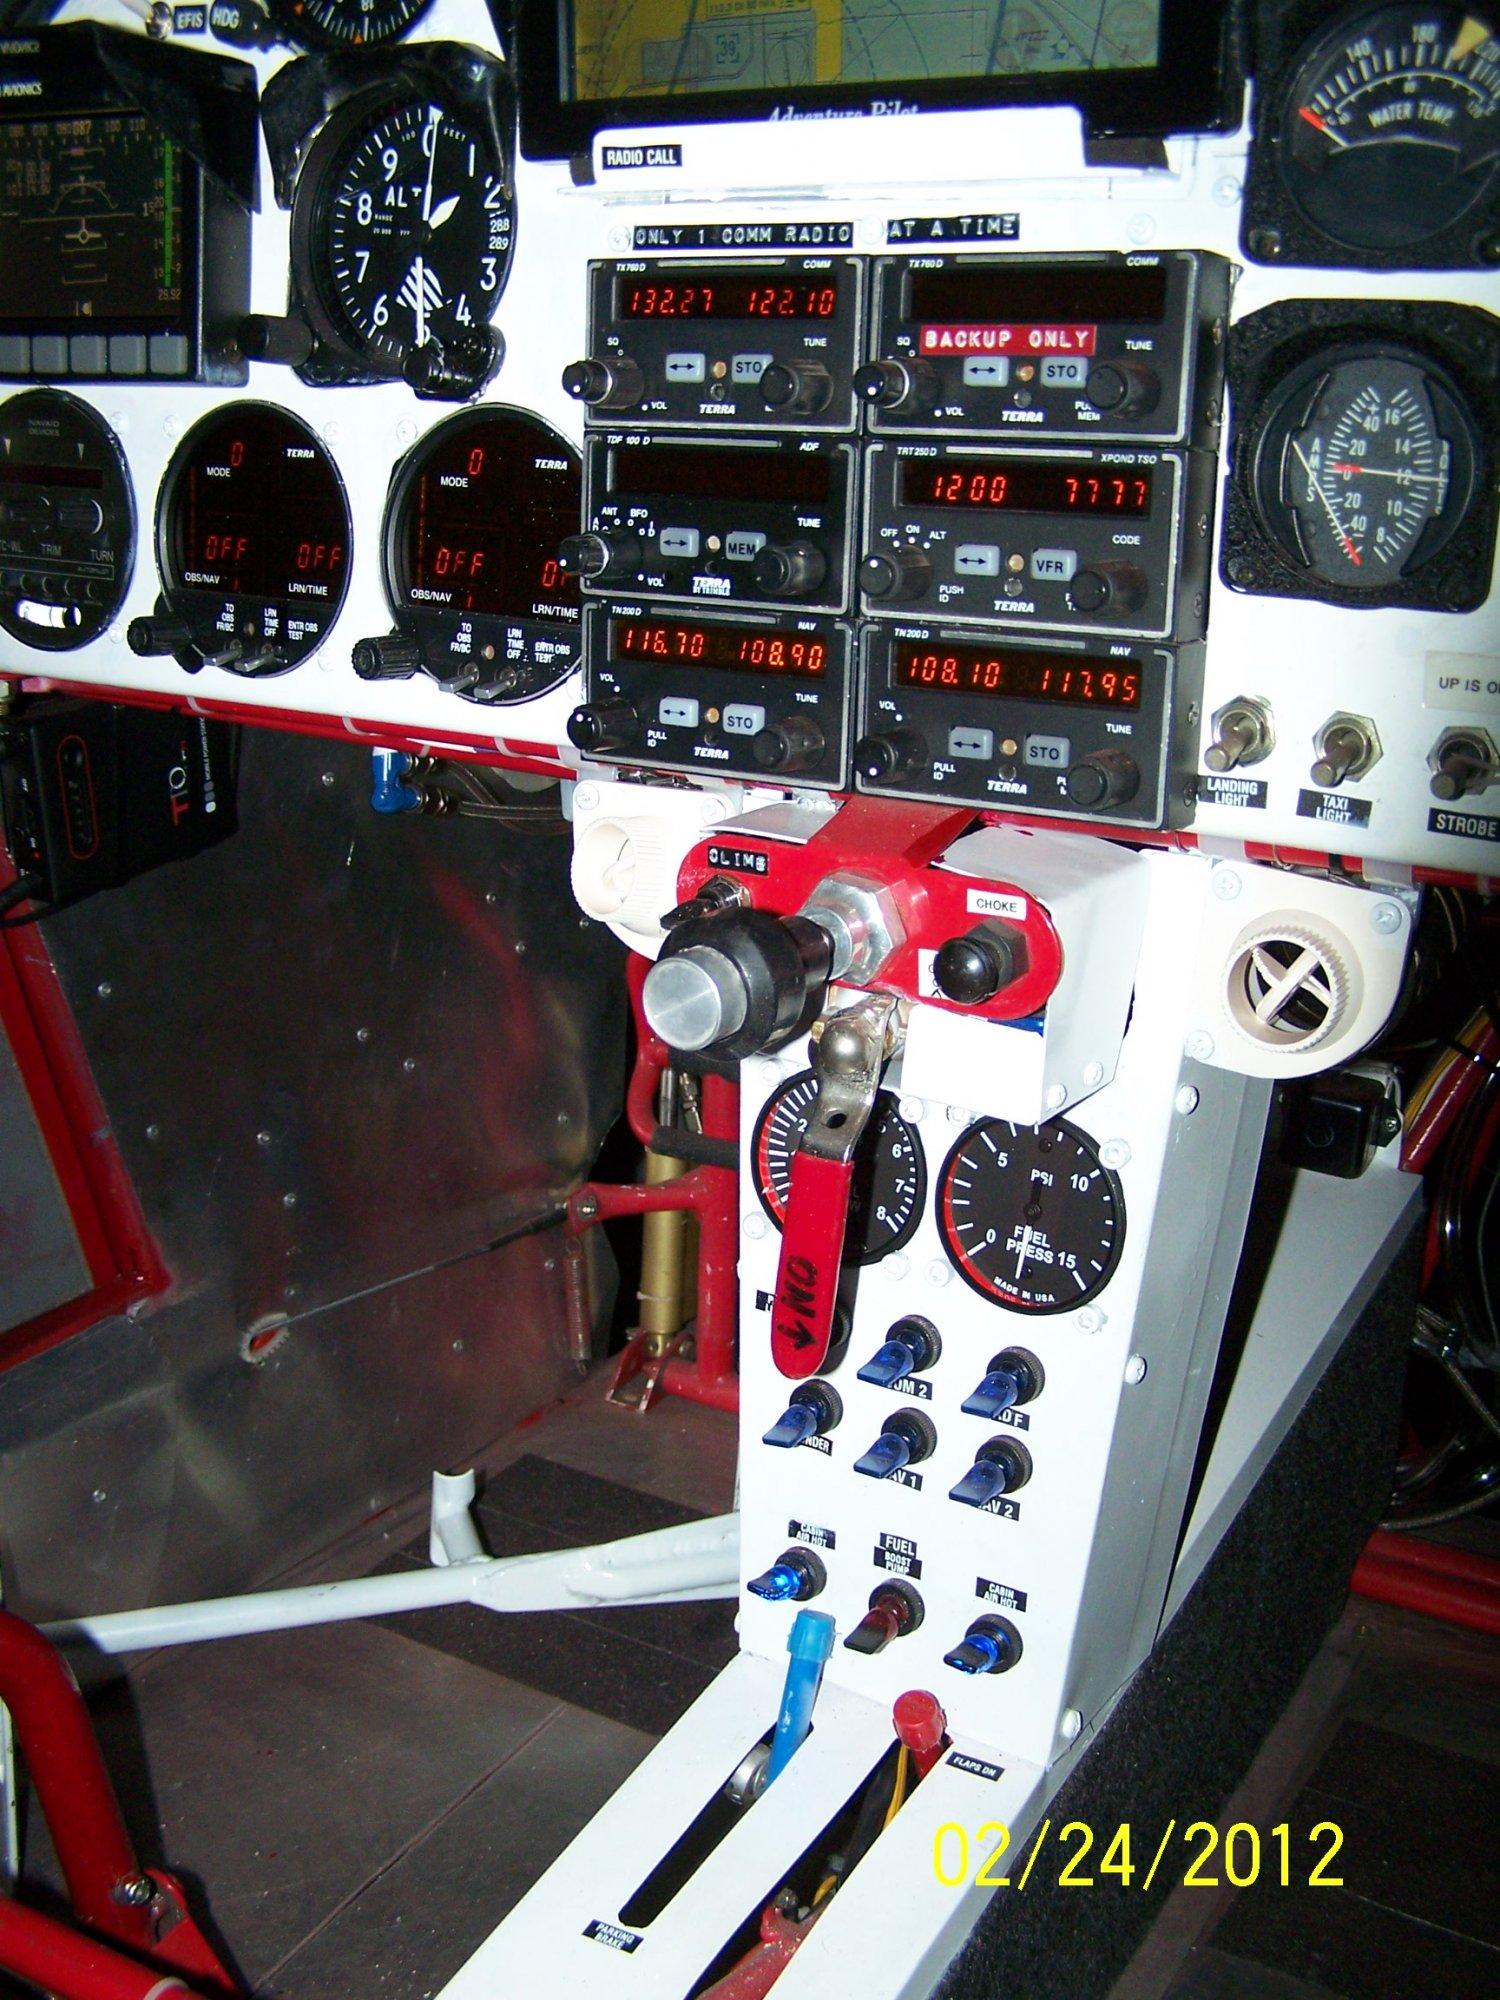 AirplaneHub com - Airplane Listings